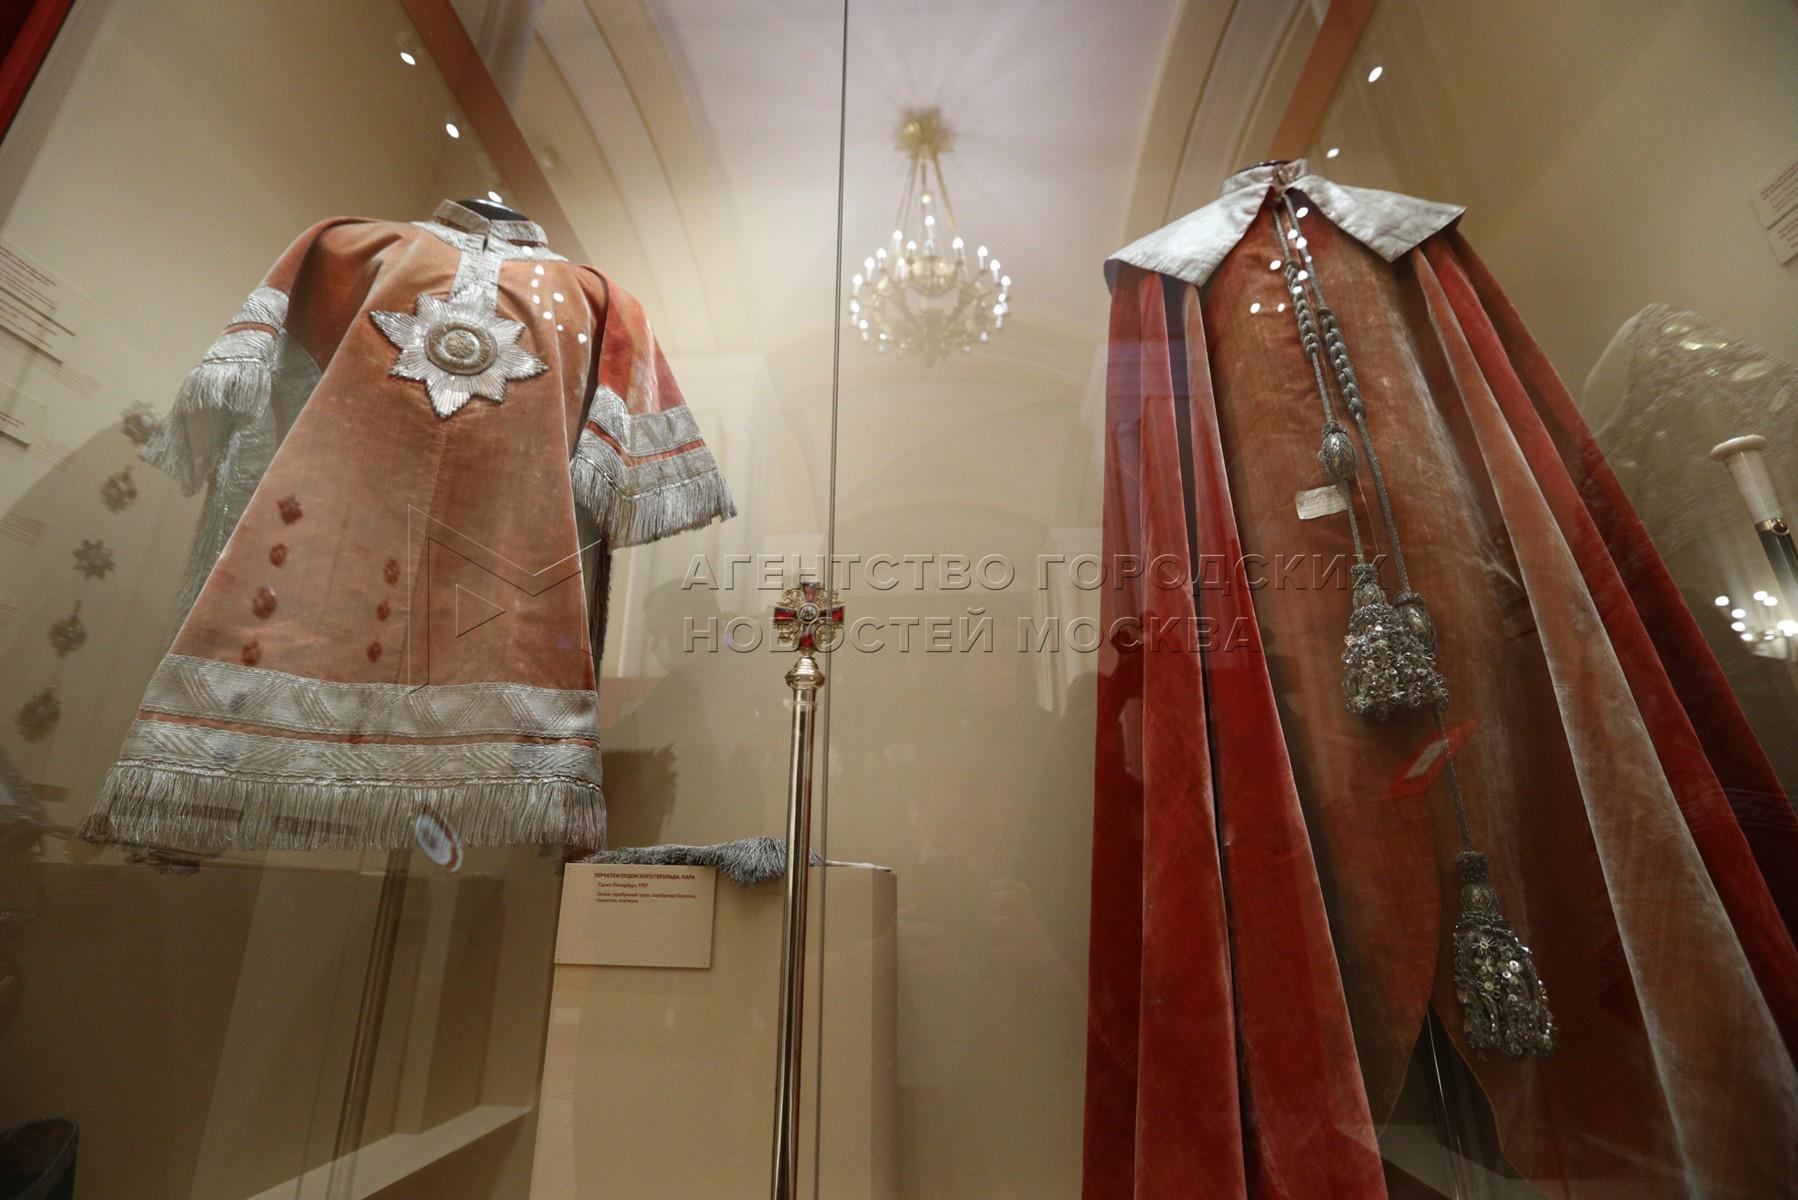 Выставка «Александр Невский. Имя, символ, легенда» в Оружейной палате.